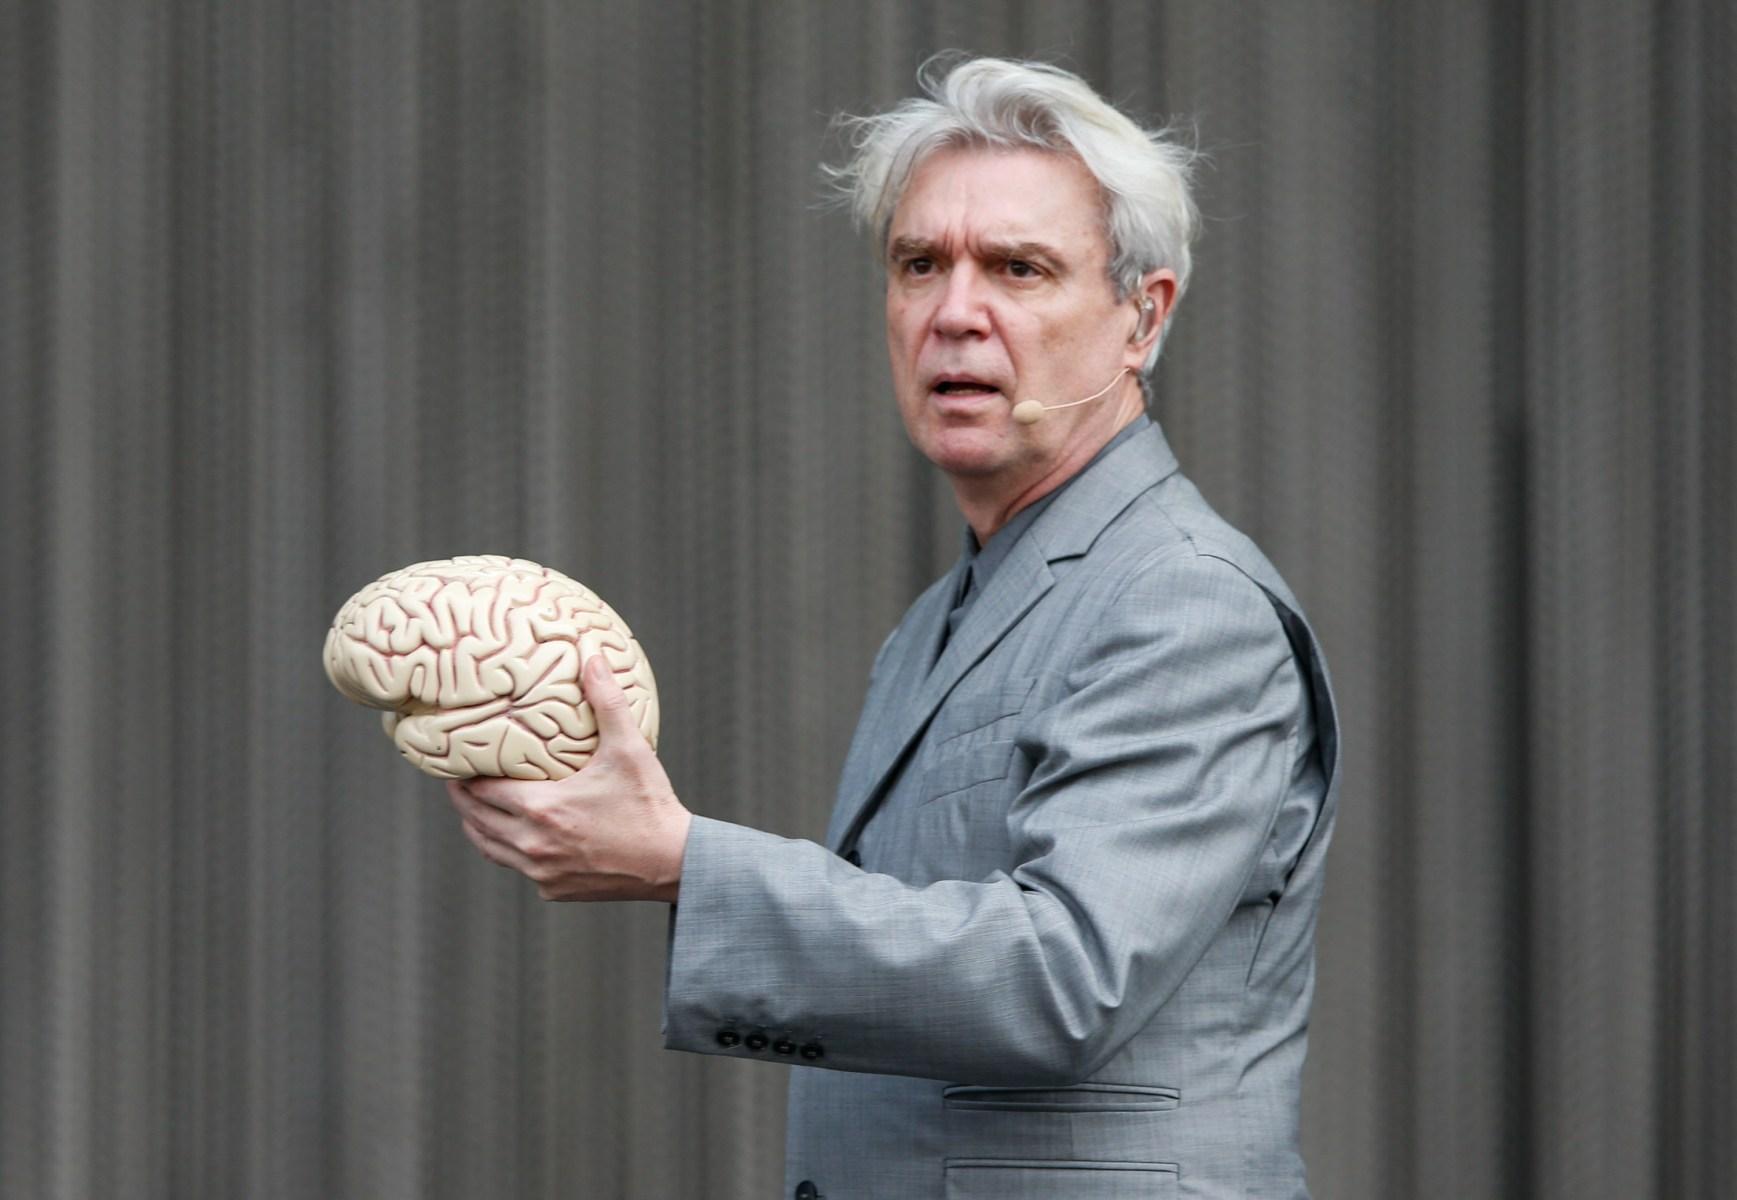 Talking Heads frontman David Byrne